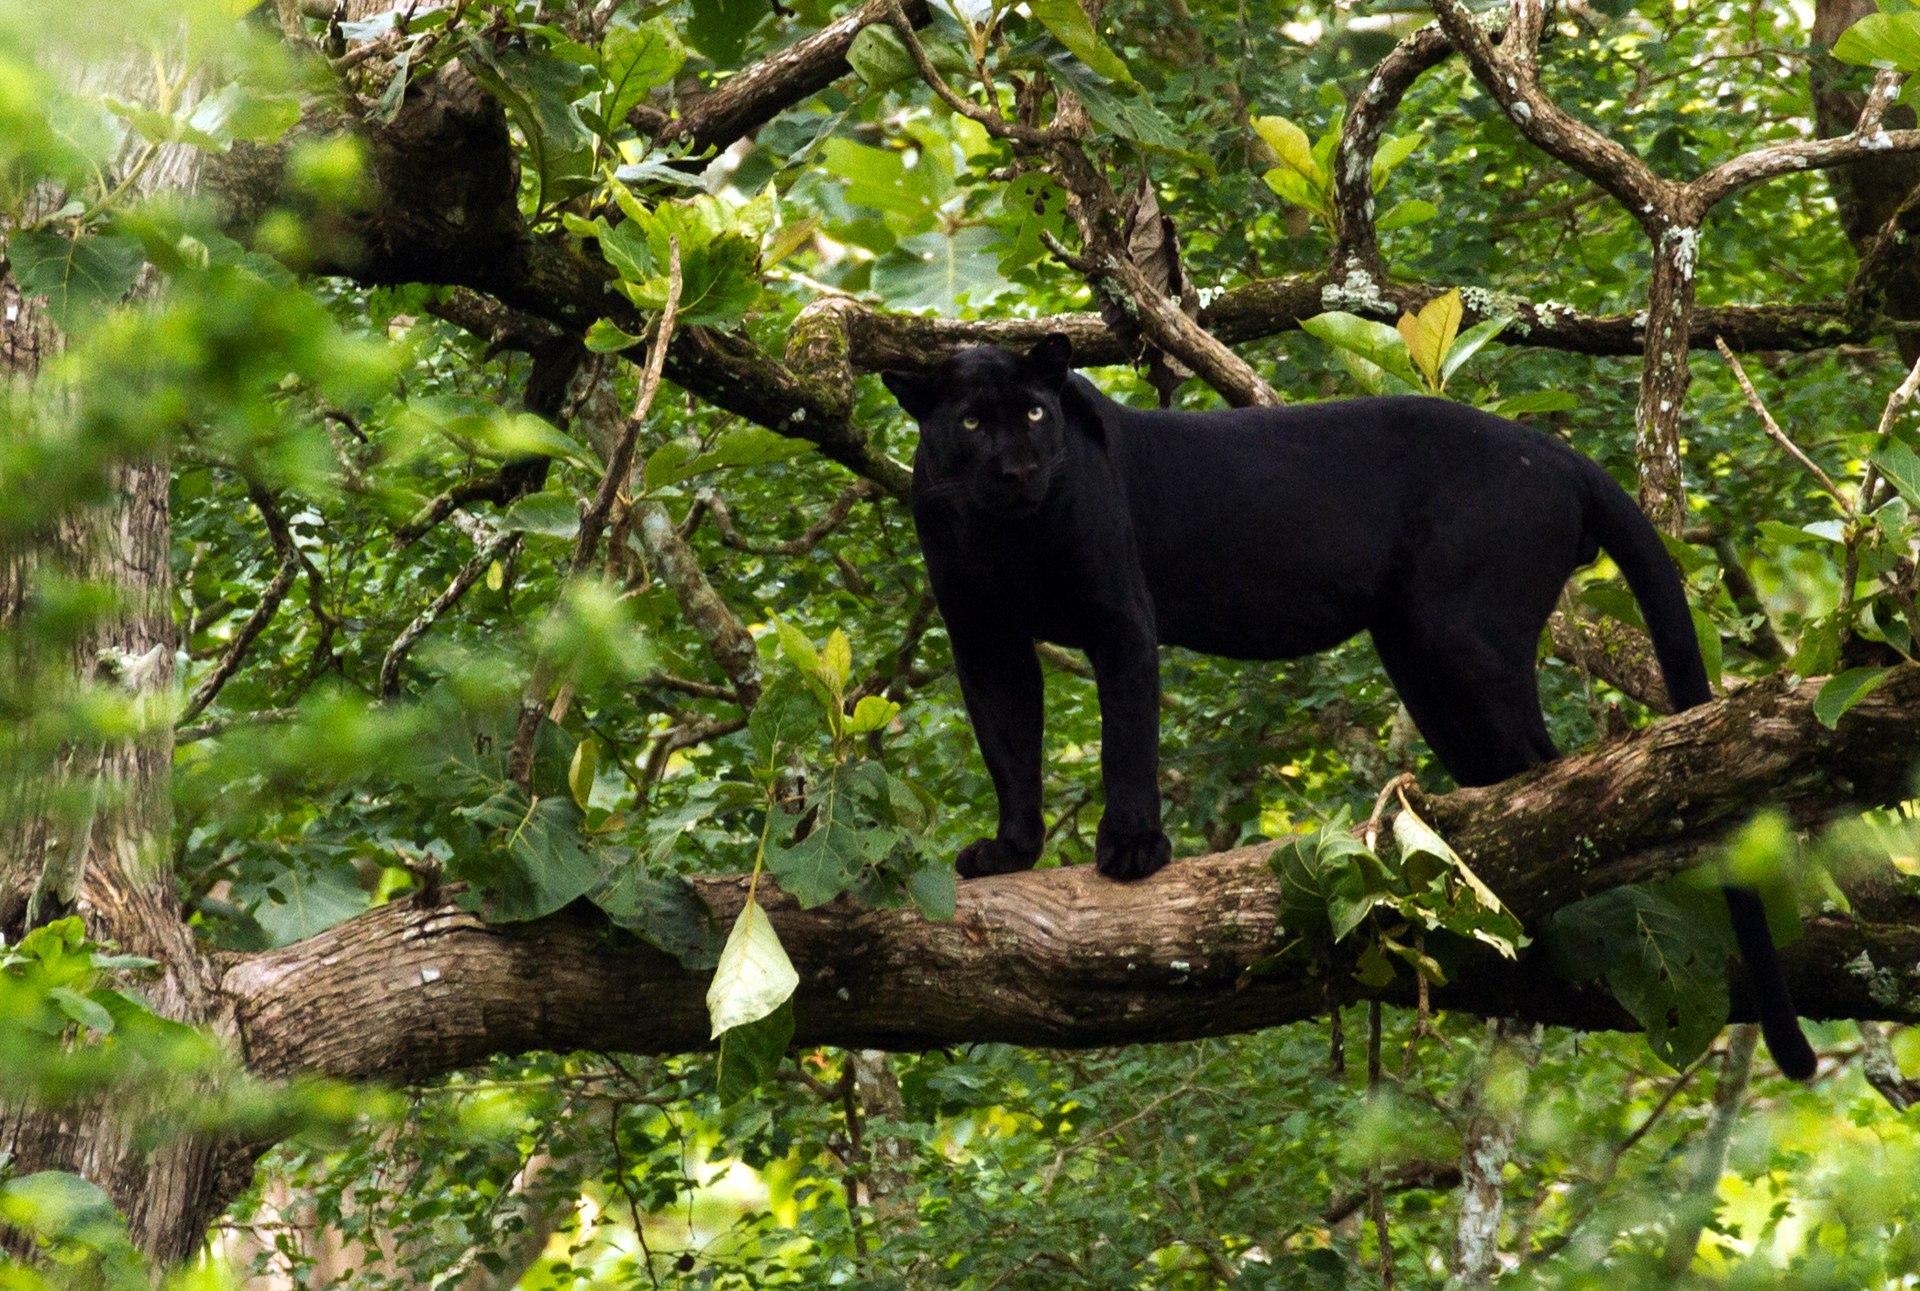 Black Panther, Black Leopard, Melanistic Leopard